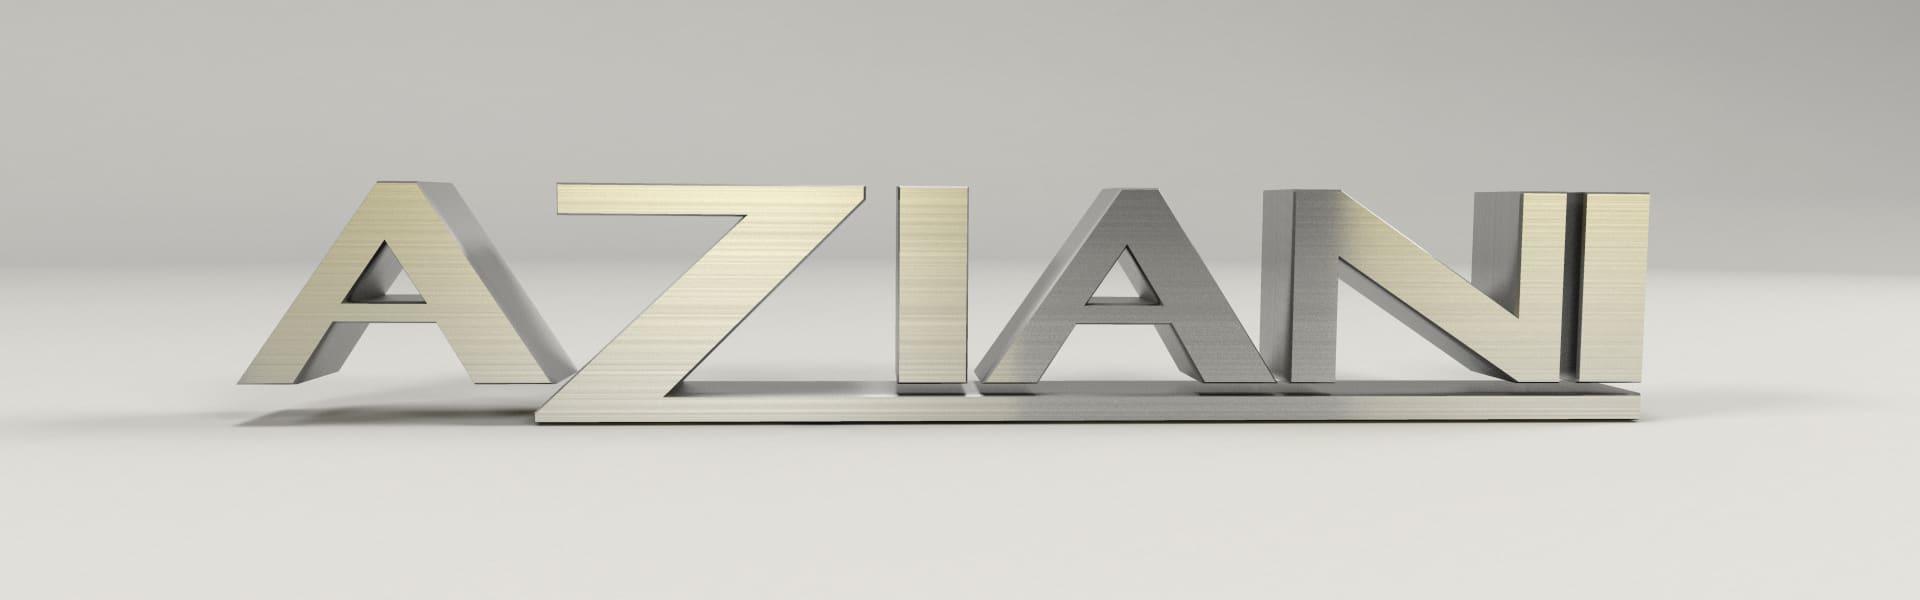 aziani-logo